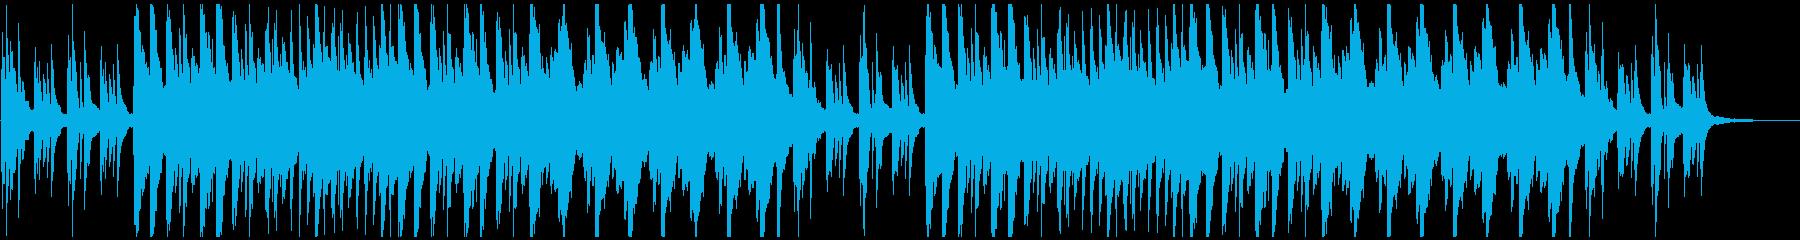 ピアノソロ上品清涼感企業PVの再生済みの波形